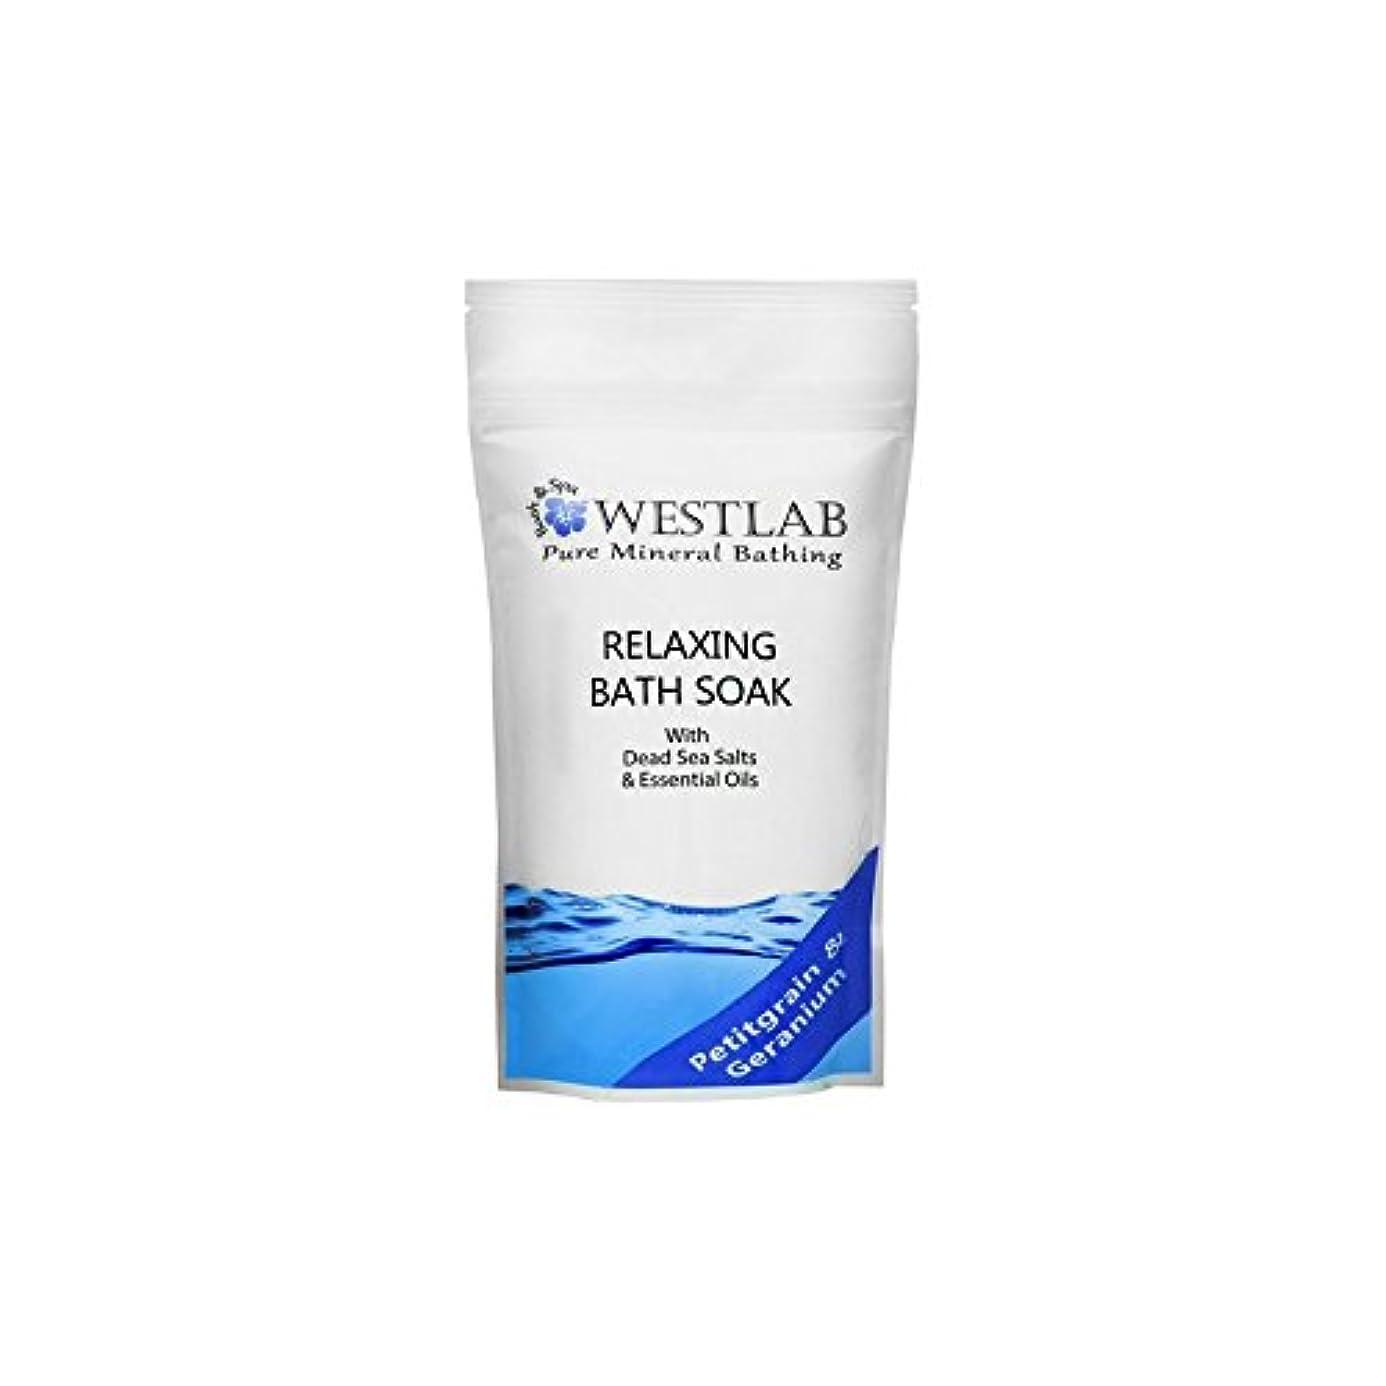 逃す一過性最小化する死海の塩浴浸漬(500グラム)をリラックス x2 - Westlab Relax Dead Sea Salt Bath Soak (500g) (Pack of 2) [並行輸入品]